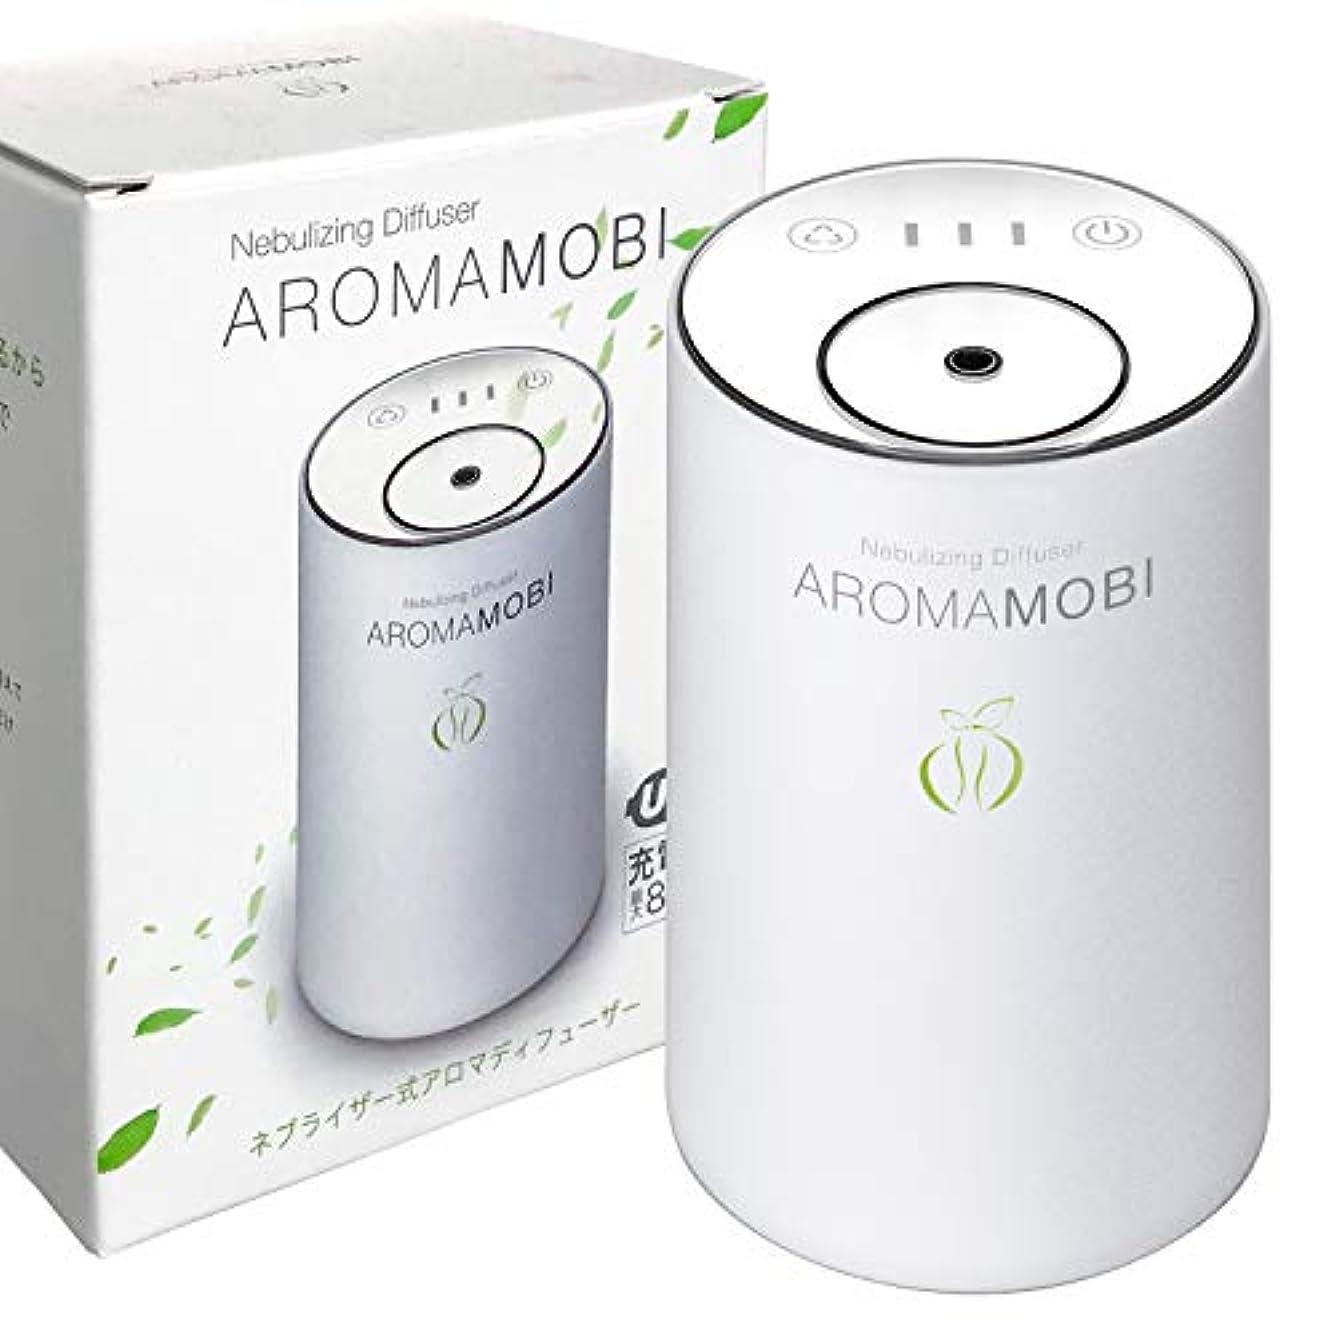 複製チャールズキージング記念funks AROMA MOBI 充電式 アロマディフューザー ネブライザー式 ホワイト